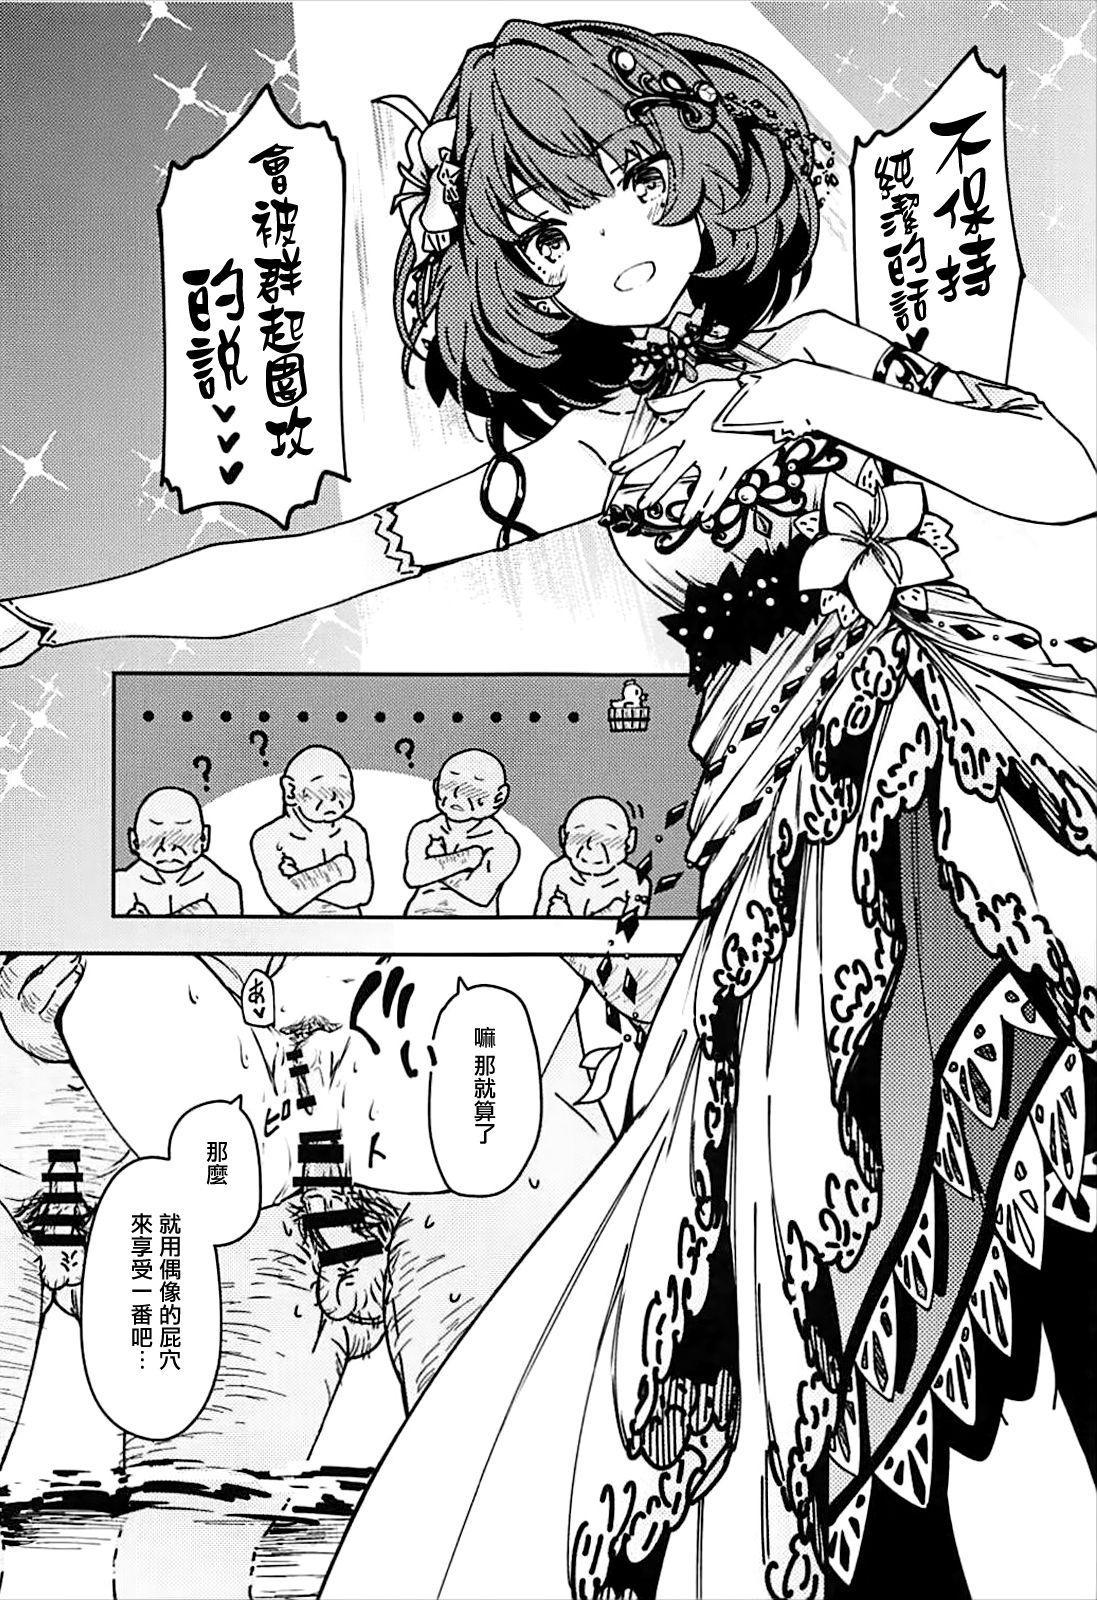 Takagaki Kaede no Konyoku Onsen Hitoritabi Bon + C93 Omake Bon 10